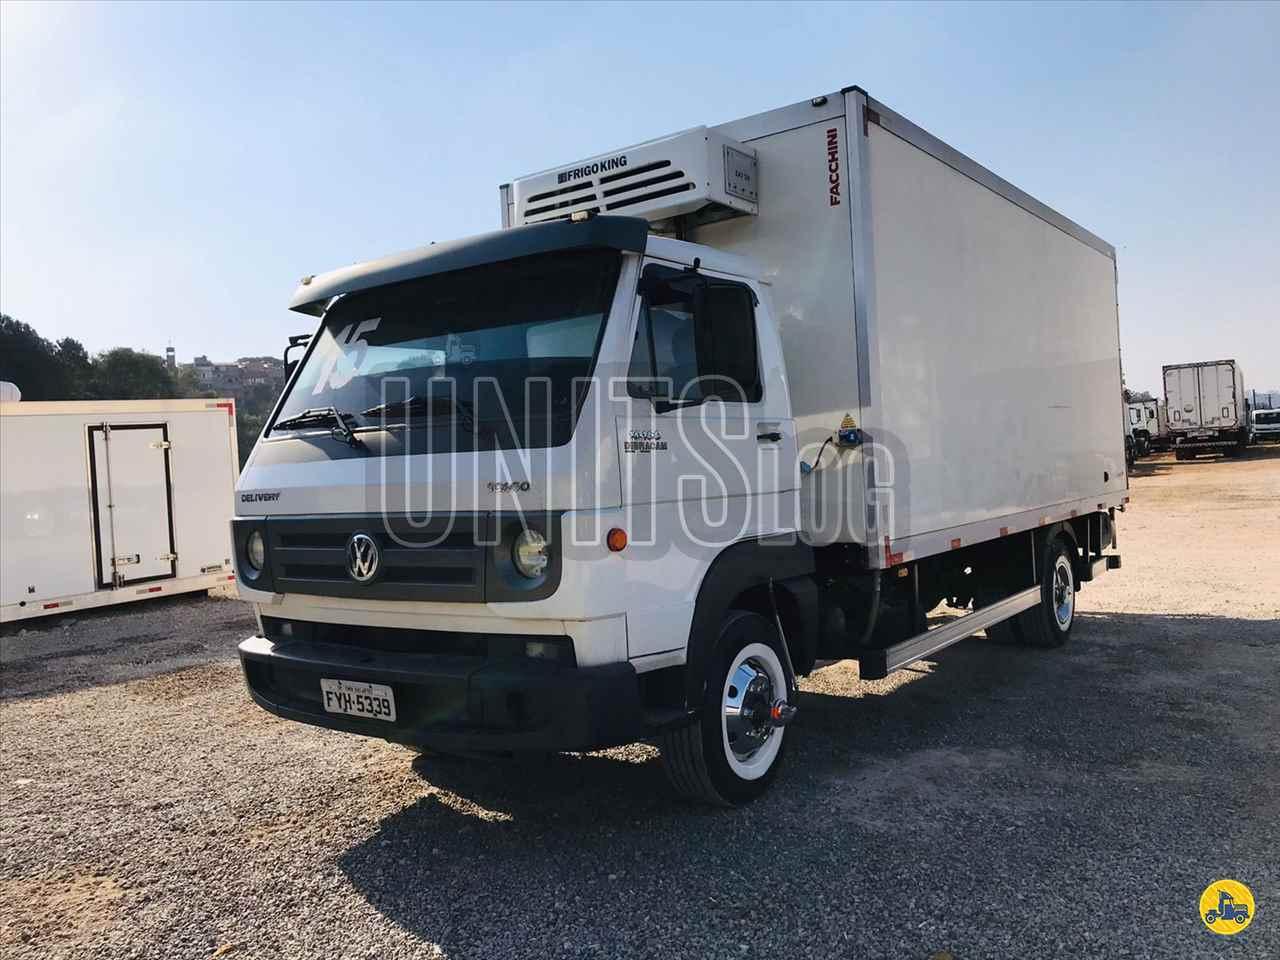 CAMINHAO VOLKSWAGEN VW 10160 Baú Térmico 3/4 4x2 Unitslog Caminhões ITAPECERICA DA SERRA SÃO PAULO SP